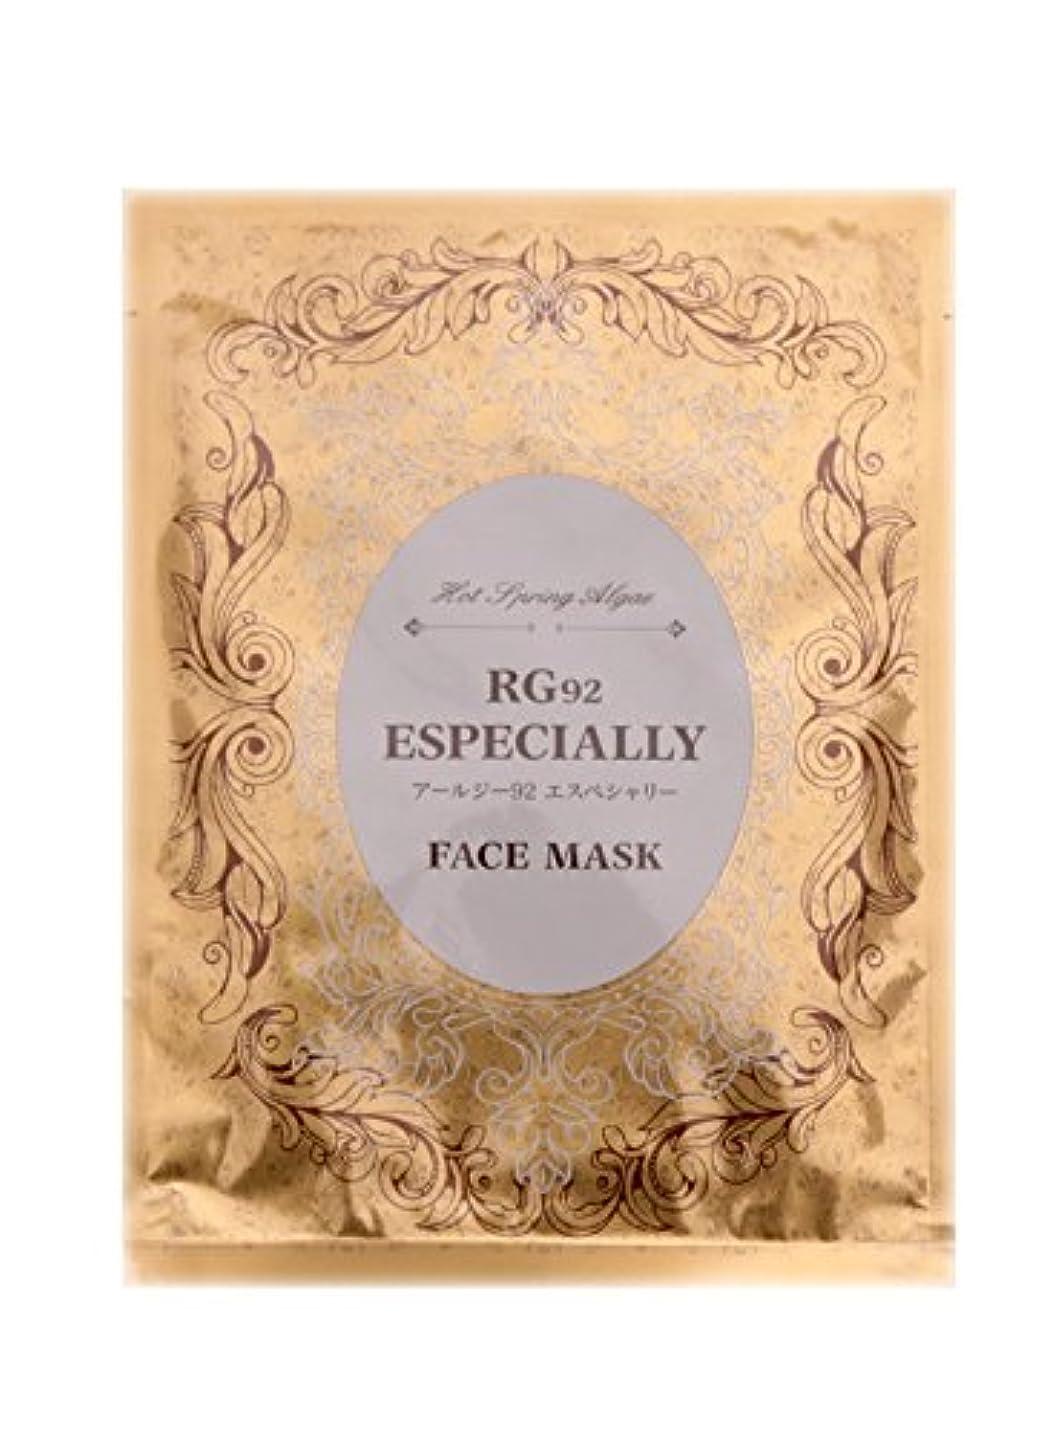 パン屋にやにや地味な【超敏感肌用】 RG92美容液フェイスマスク 1枚